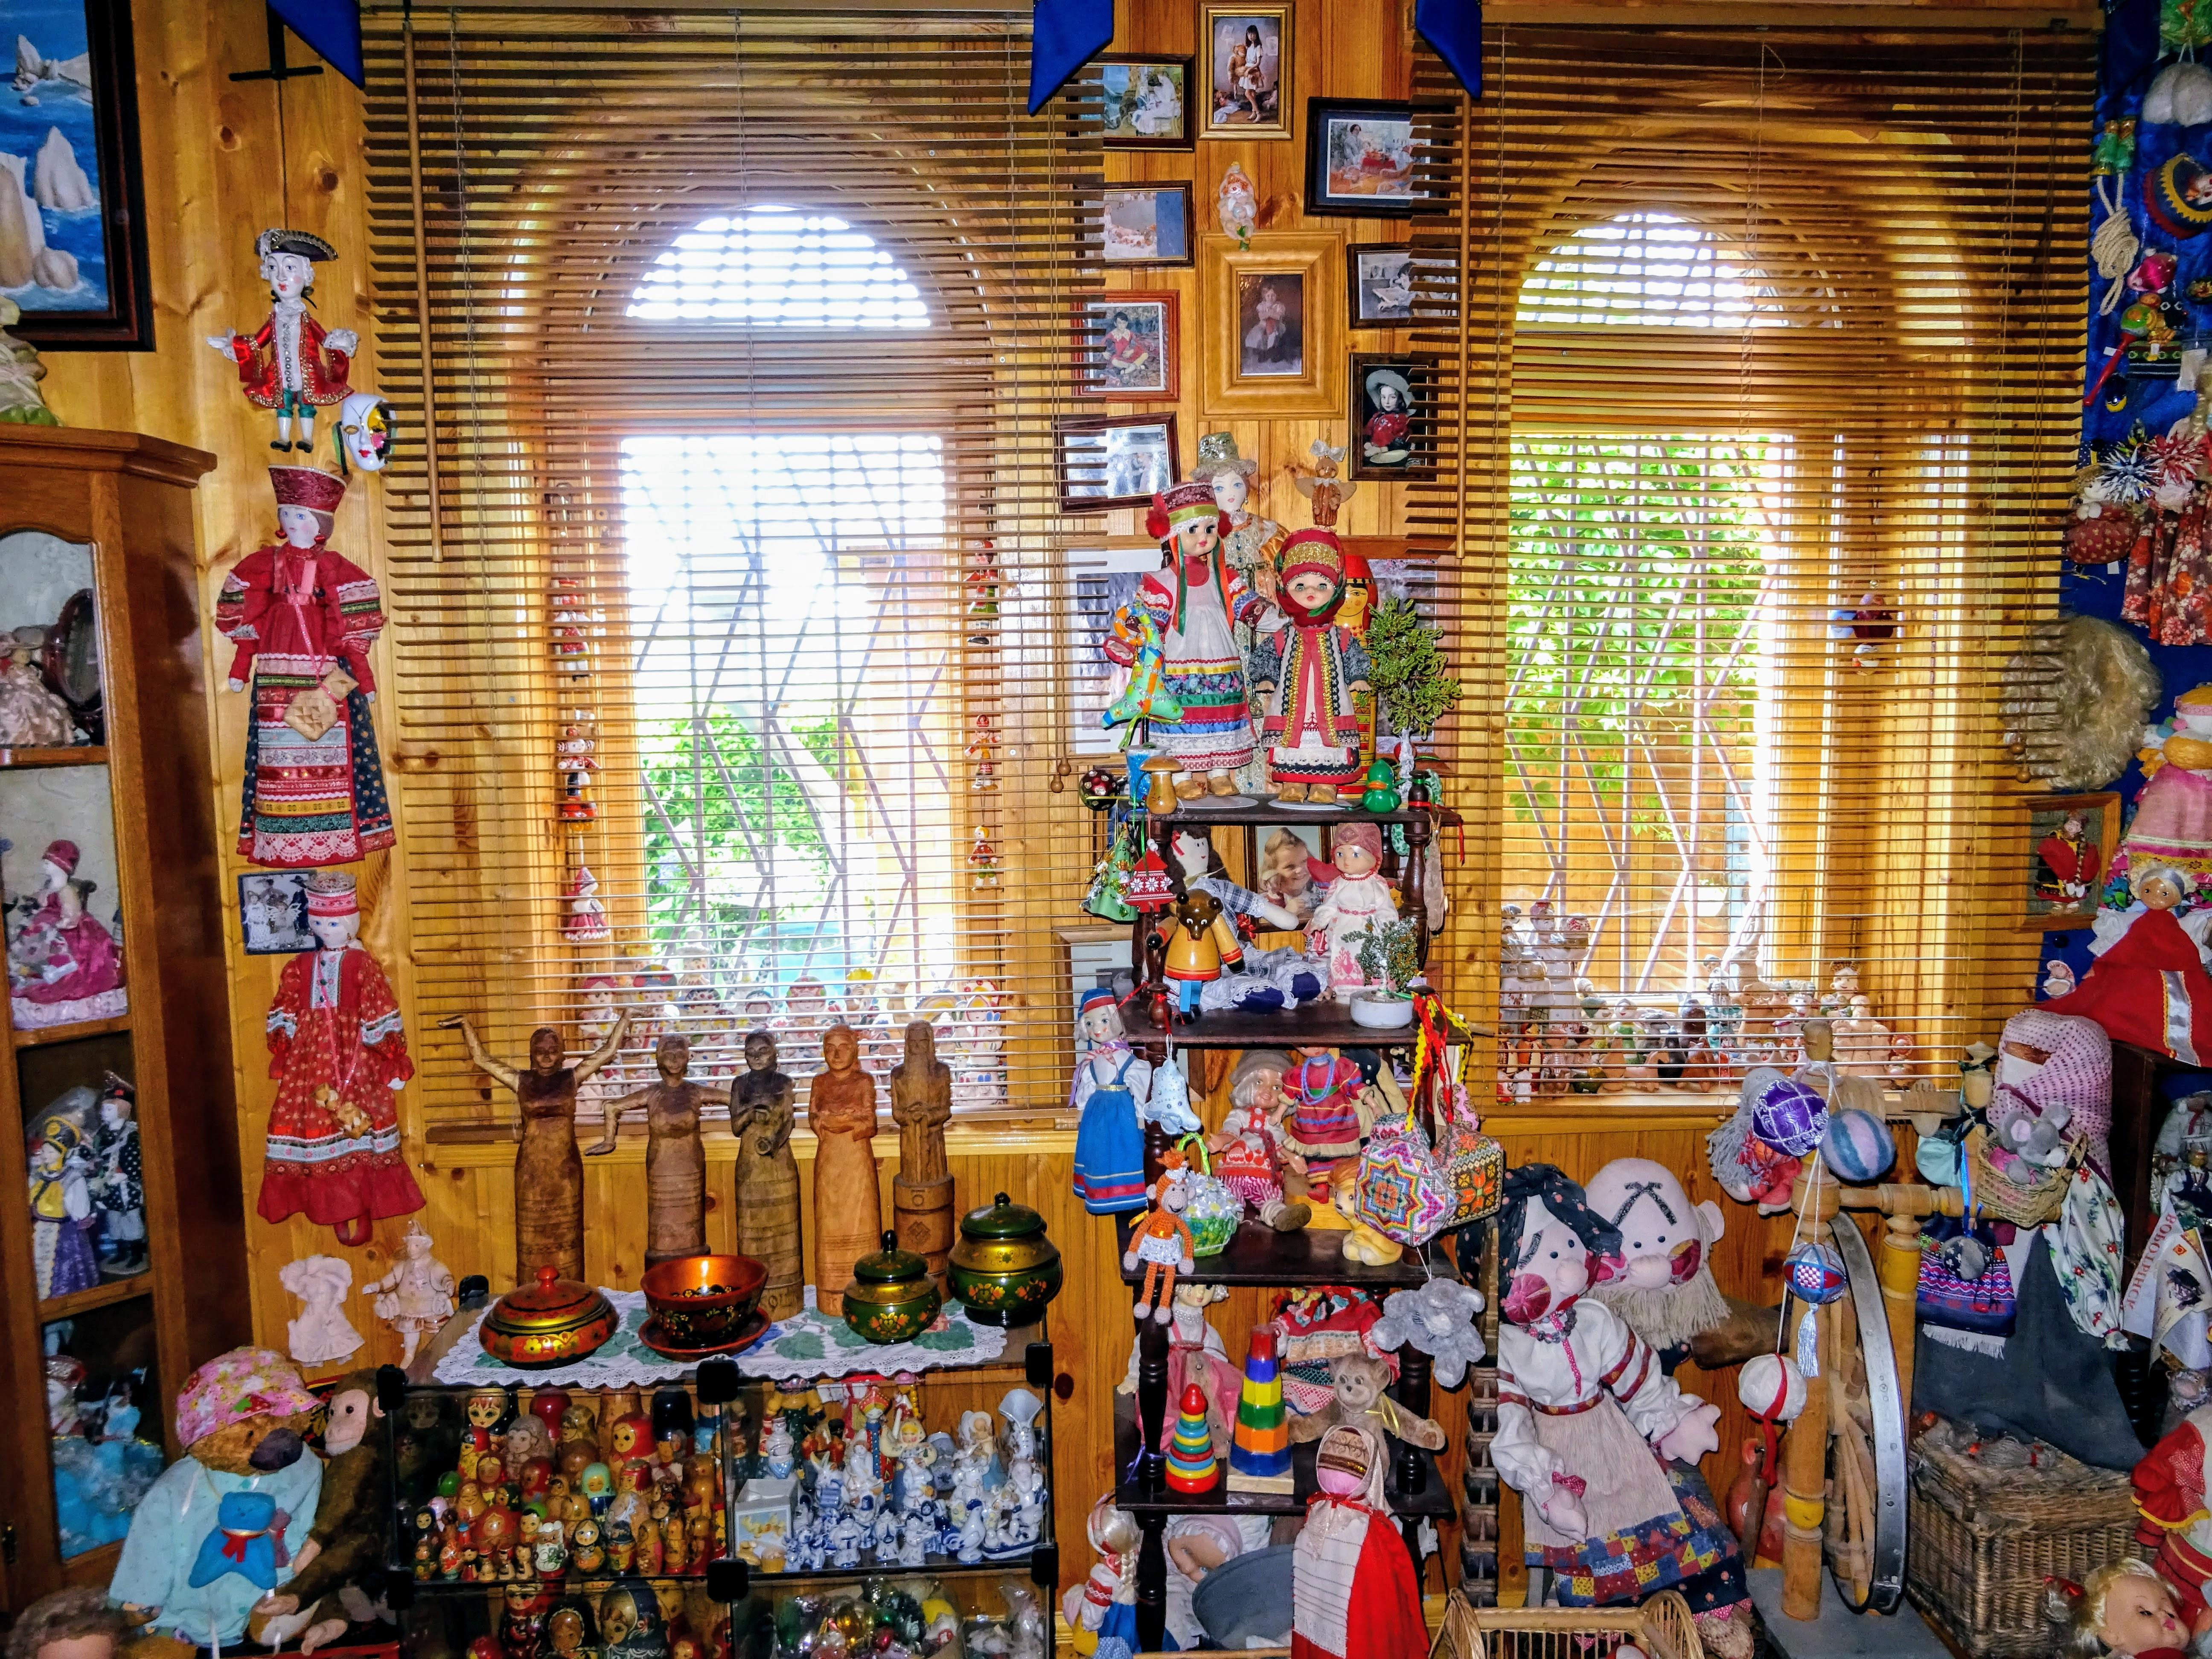 Обнинск. Отдых и развлечения: Музей кукол «Берегиня»